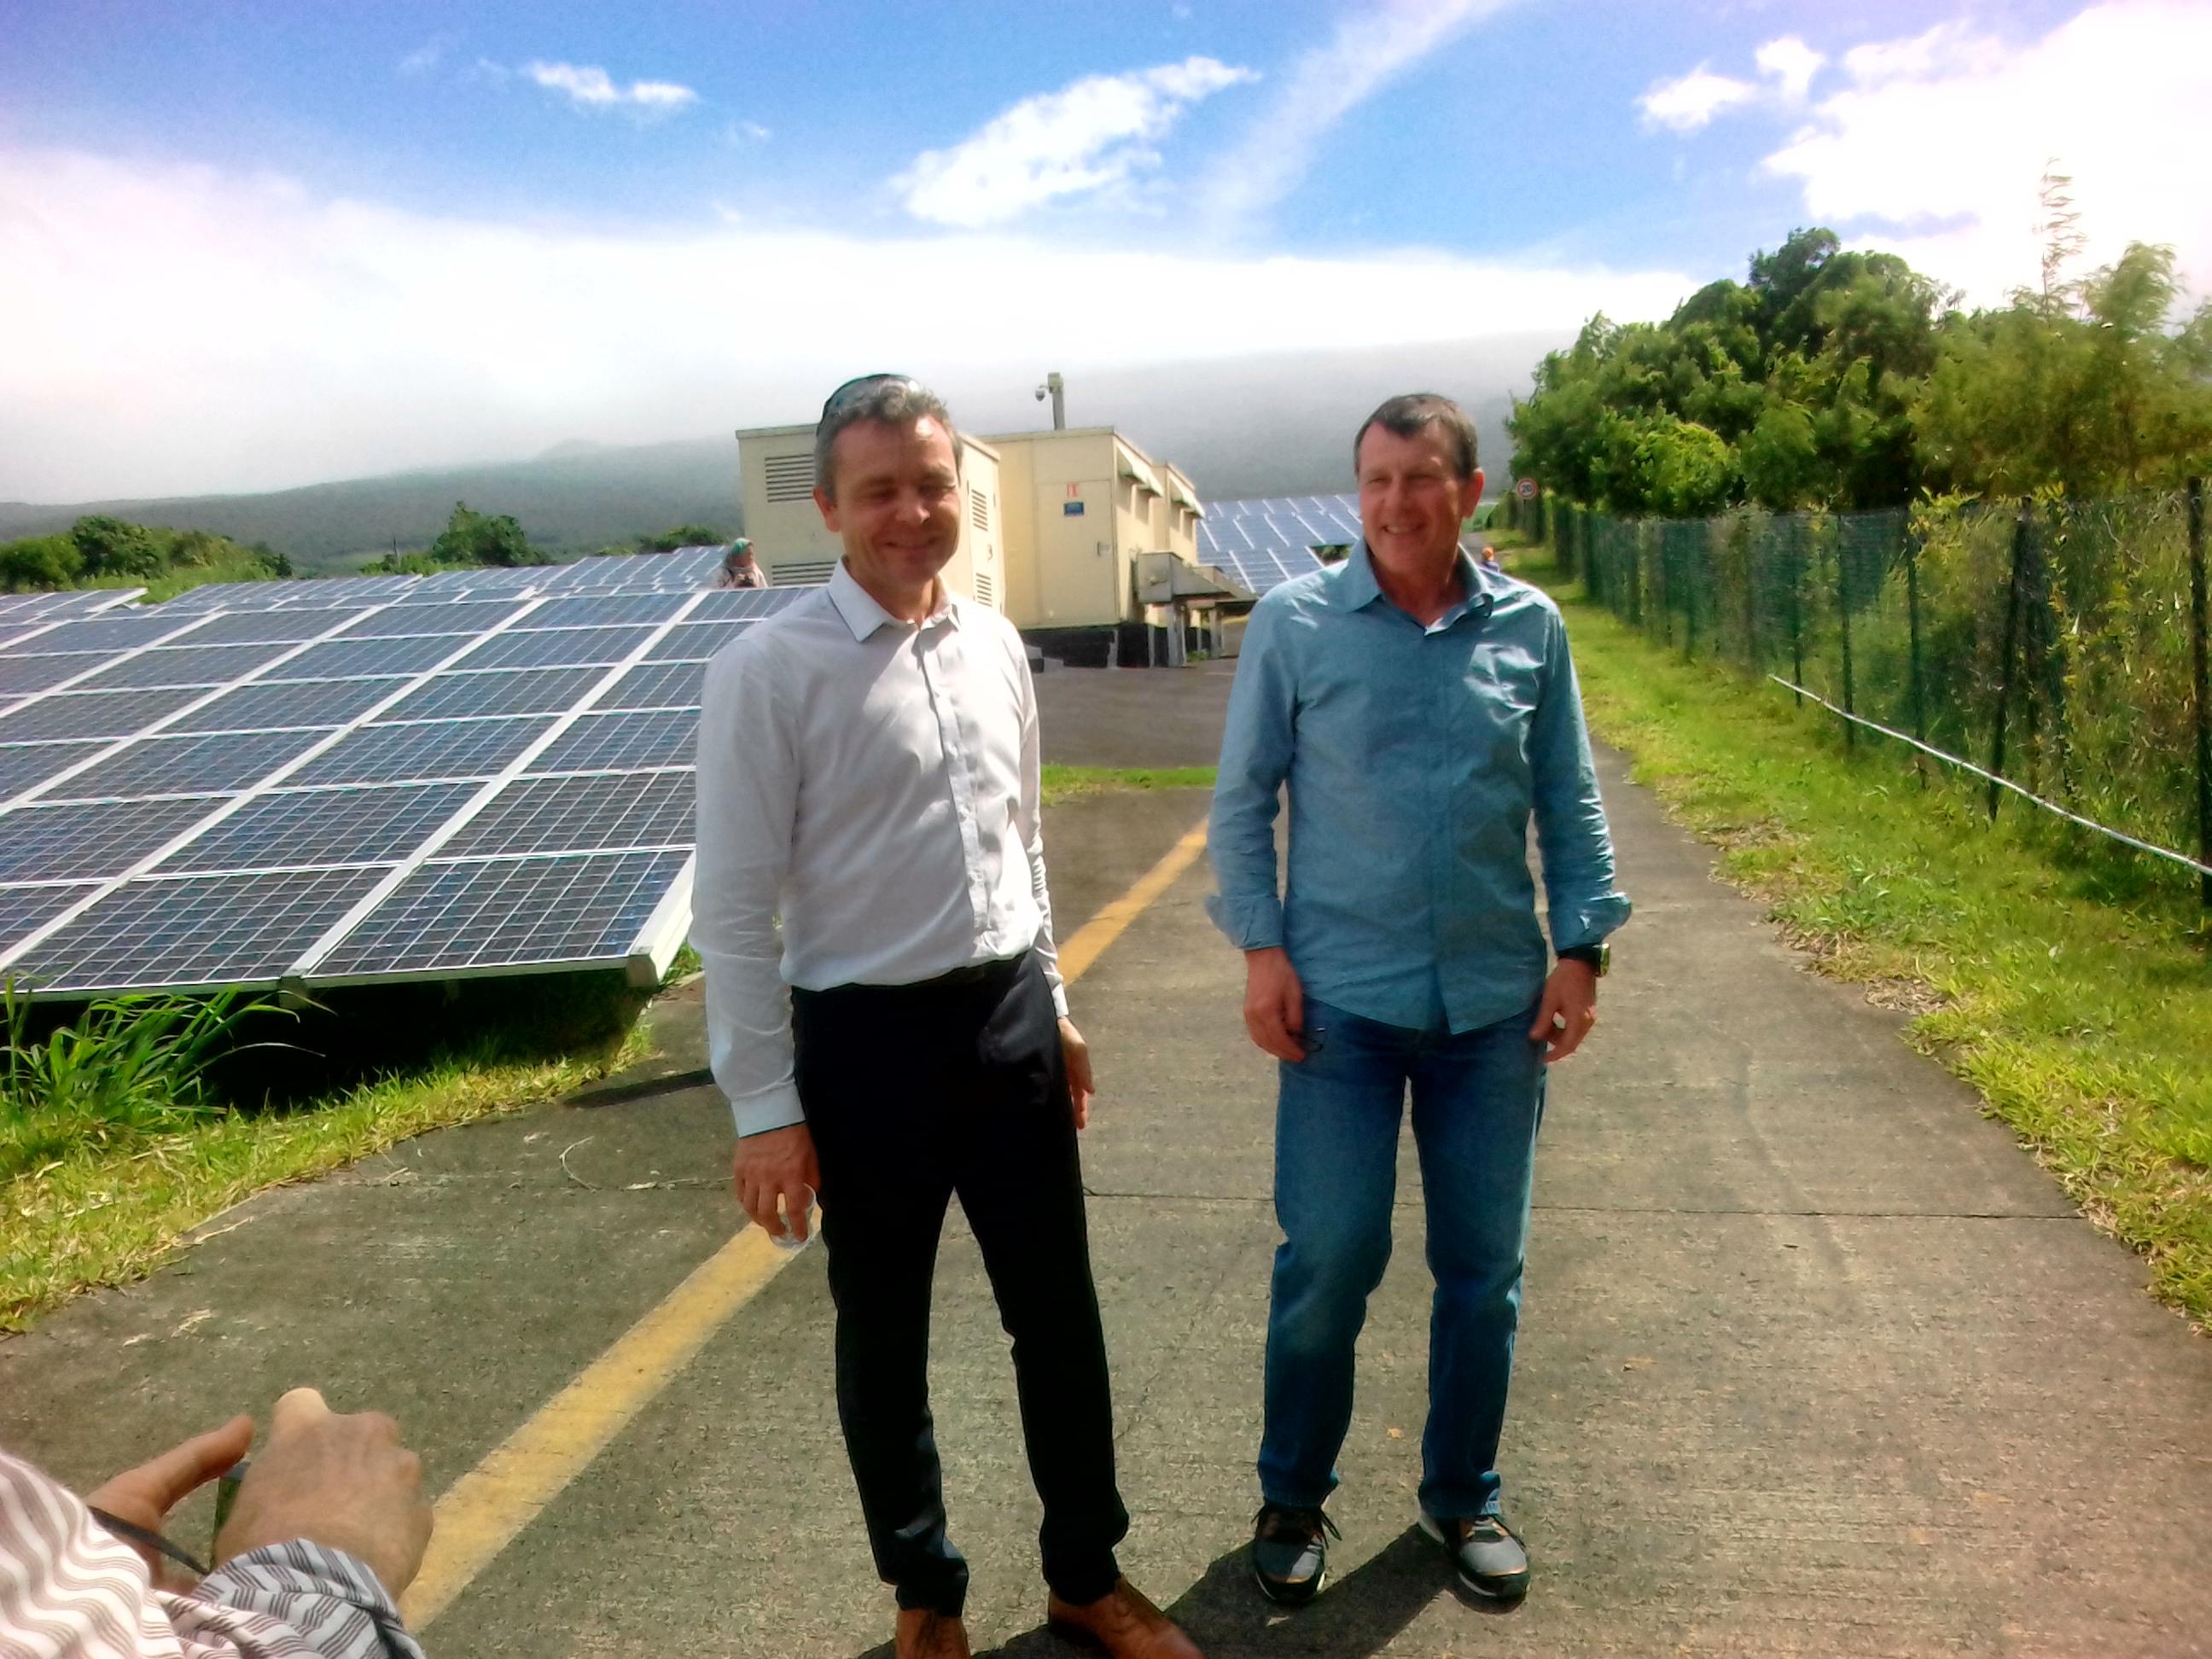 David Augeix (le Directeur Régional Sud et Outremer de RDF Renouvelable) et Jerôme Billerey, responsable DOM SER (syndicat des énergie renouvelables) sur la centrale de Saint-Rose ©EDF Renouvelables